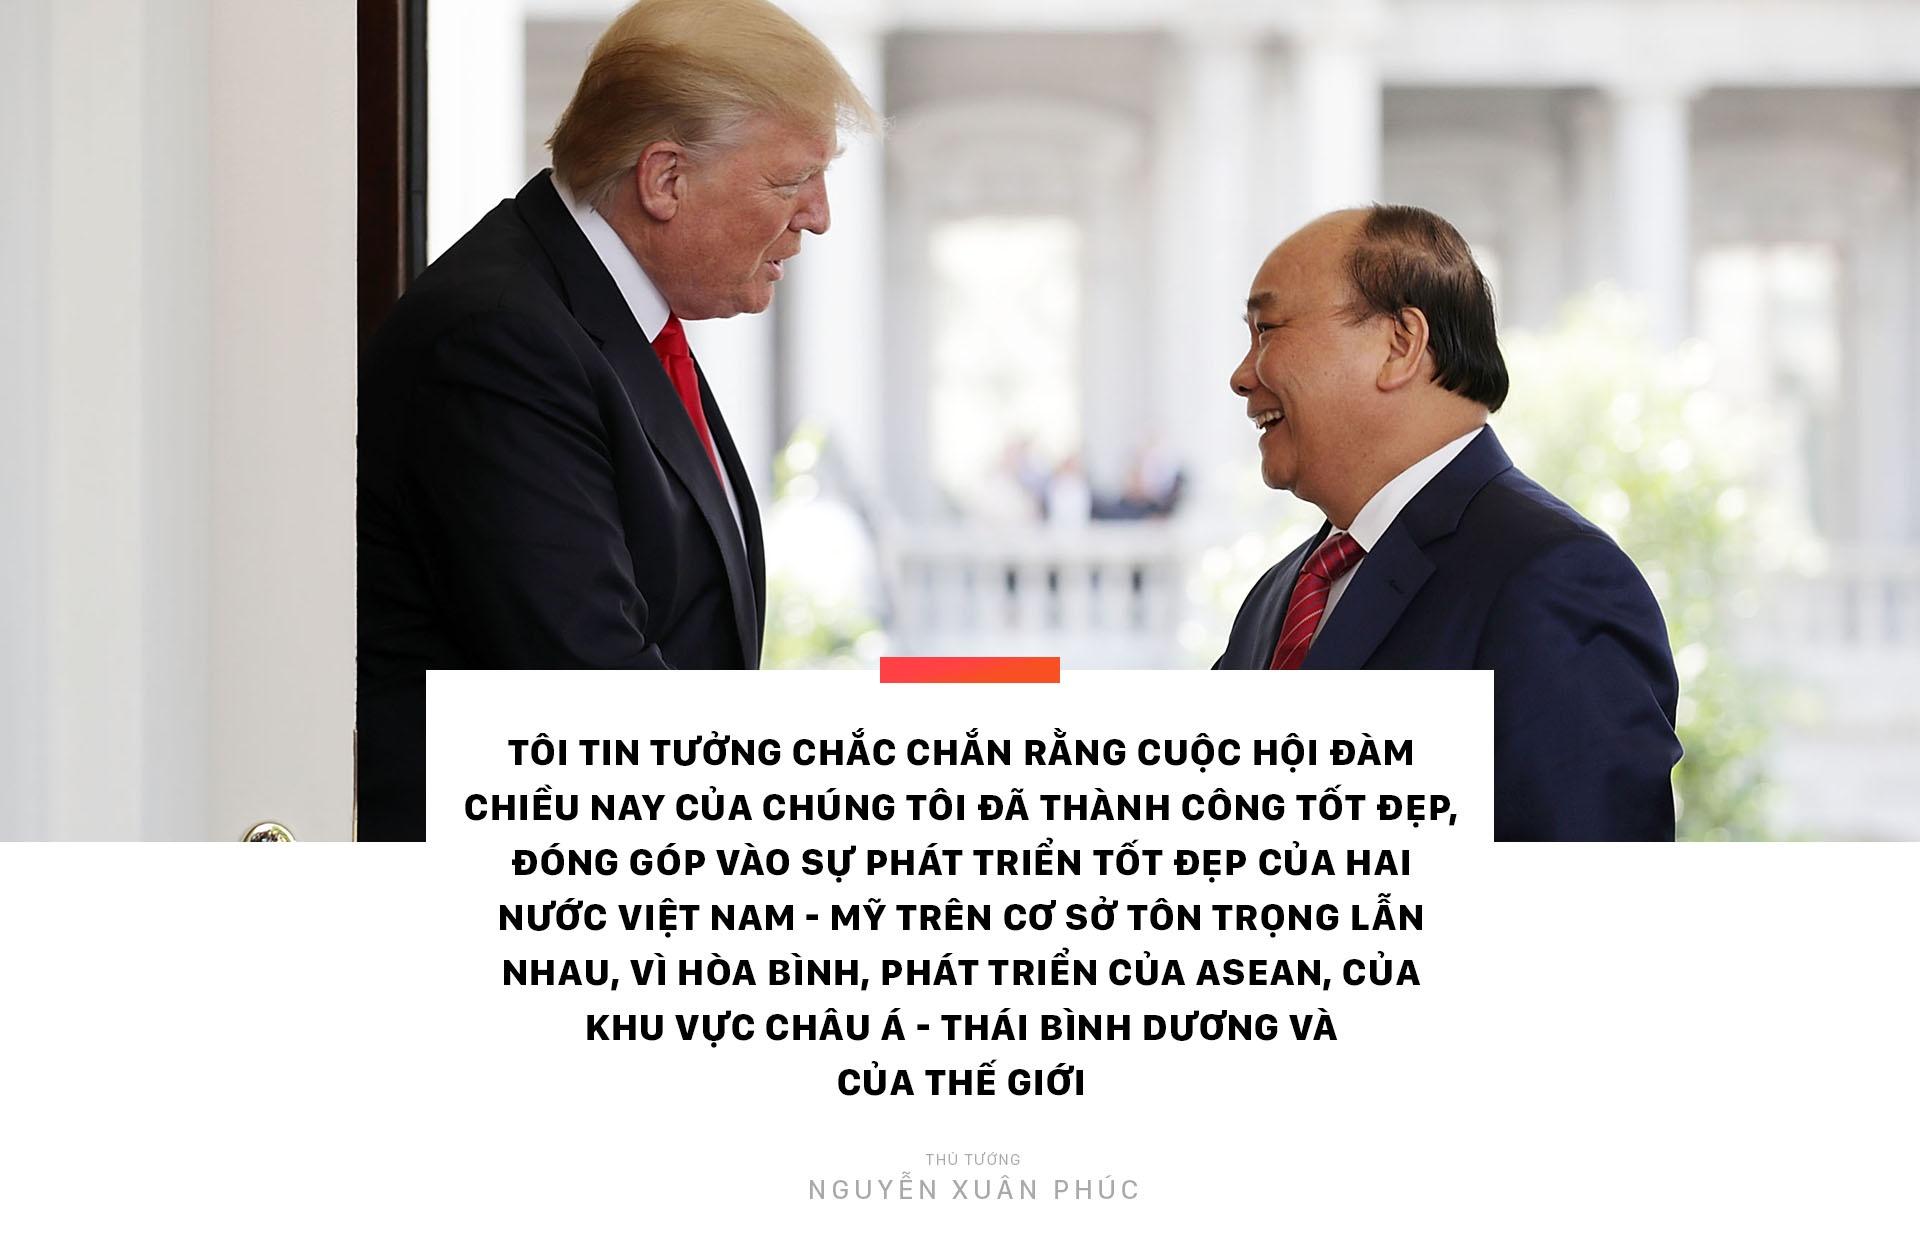 Thu tuong Nguyen Xuan Phuc hoi dam voi Tong thong Donald Trump hinh anh 2